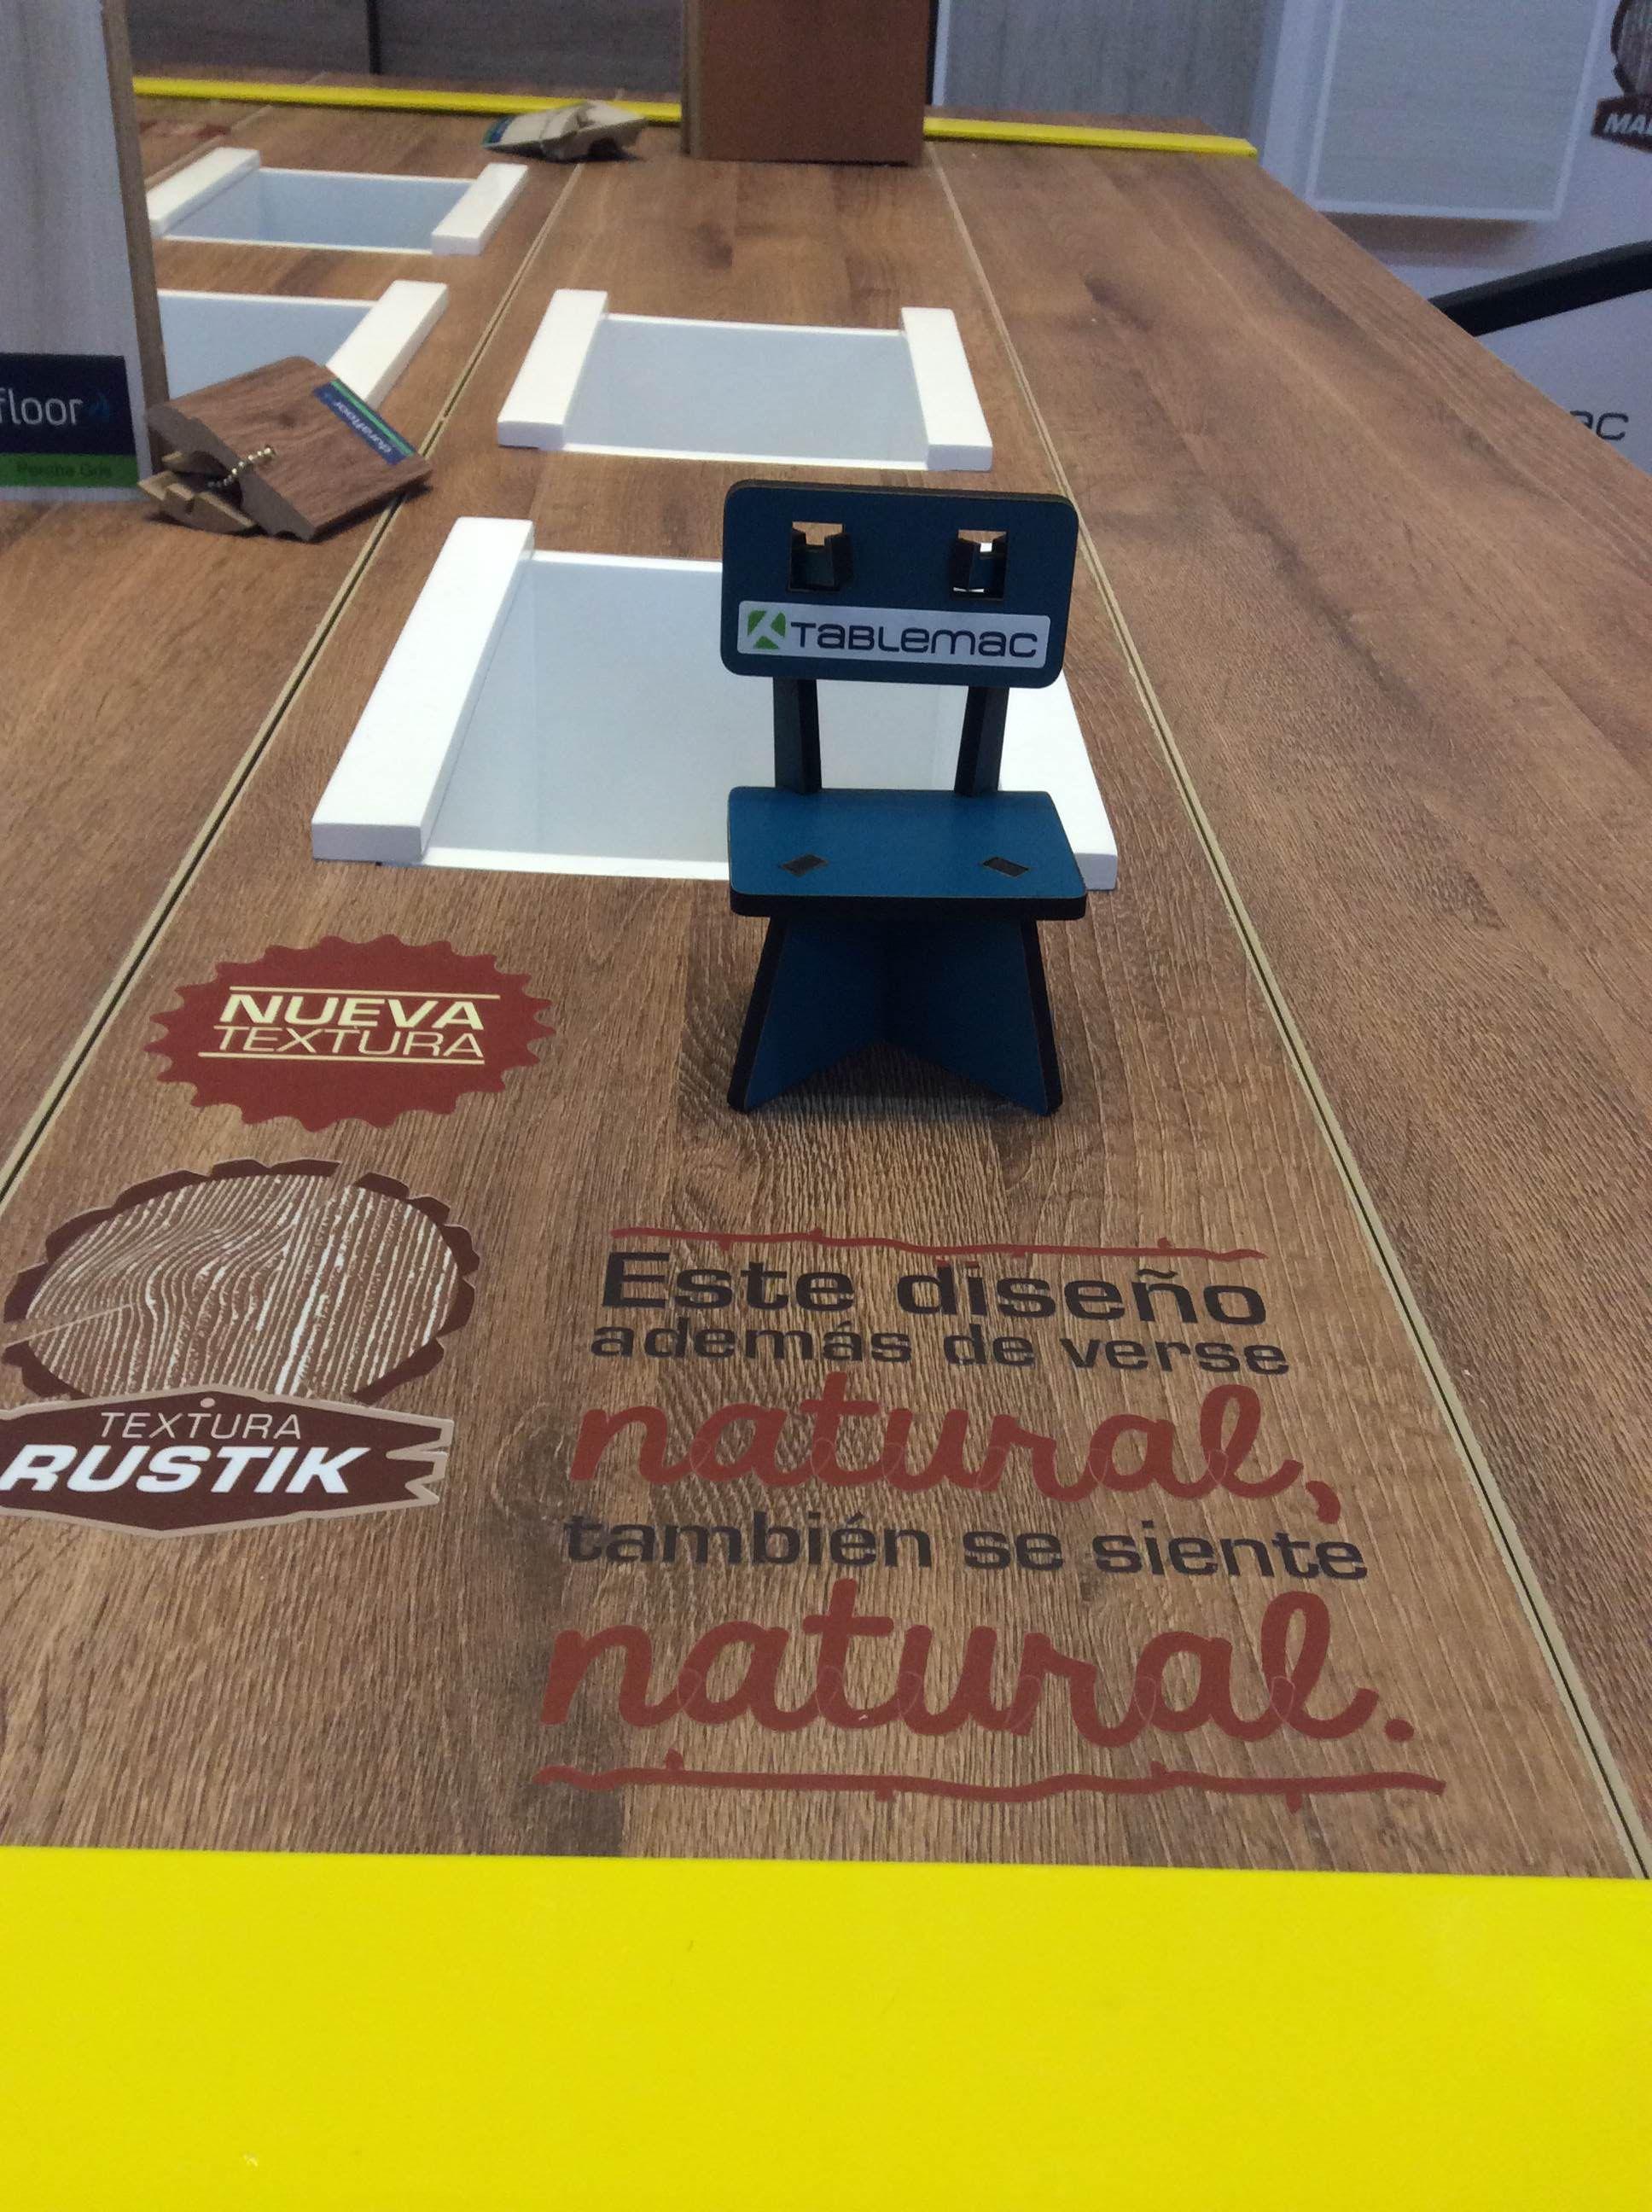 Así se vive nuestro stand en #ExpoCamacol2014 #DiseñosTablemac